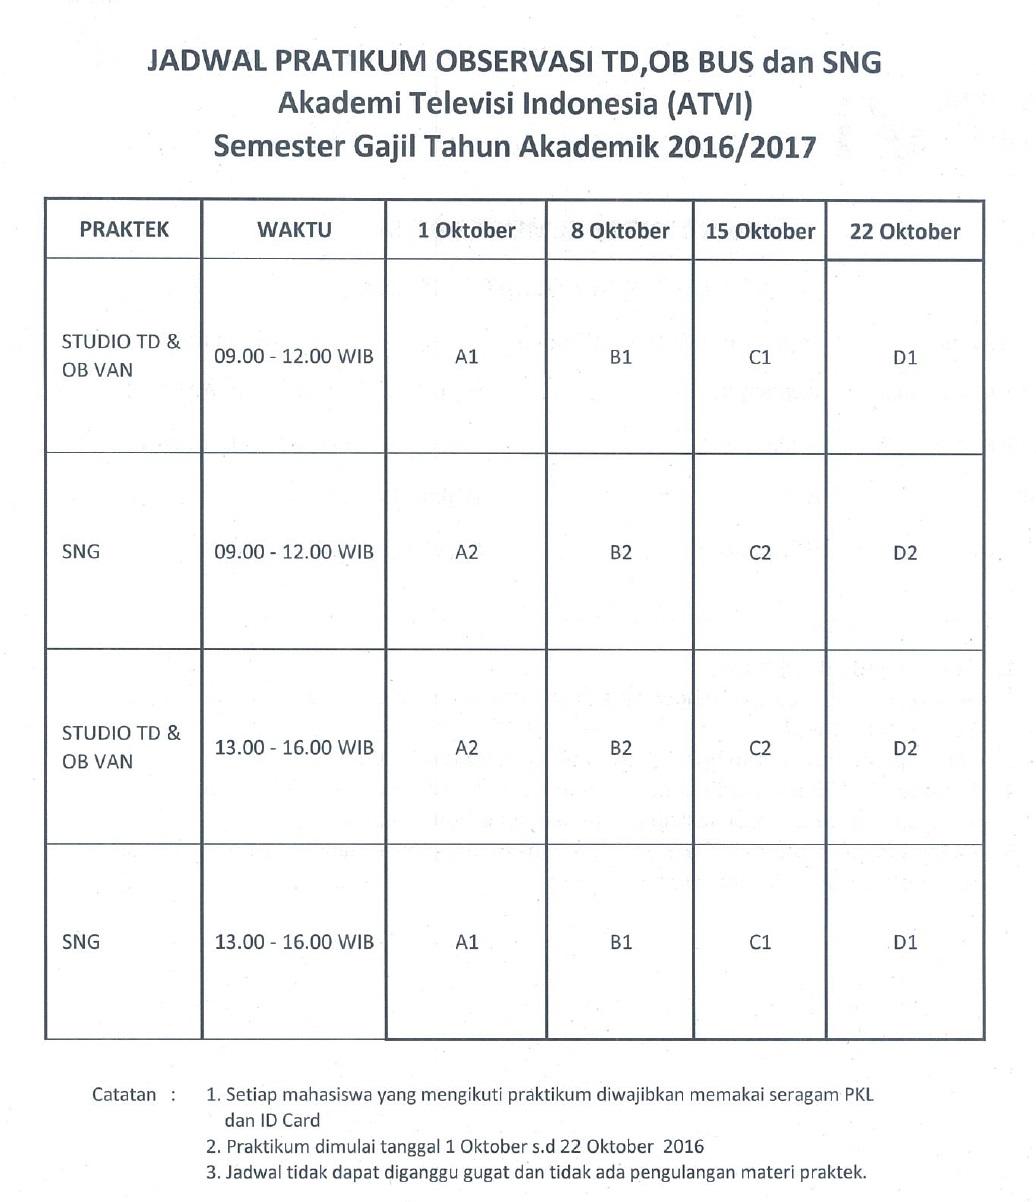 jadwal-praktikum-observasi-tdob-bus-dan-sng-1